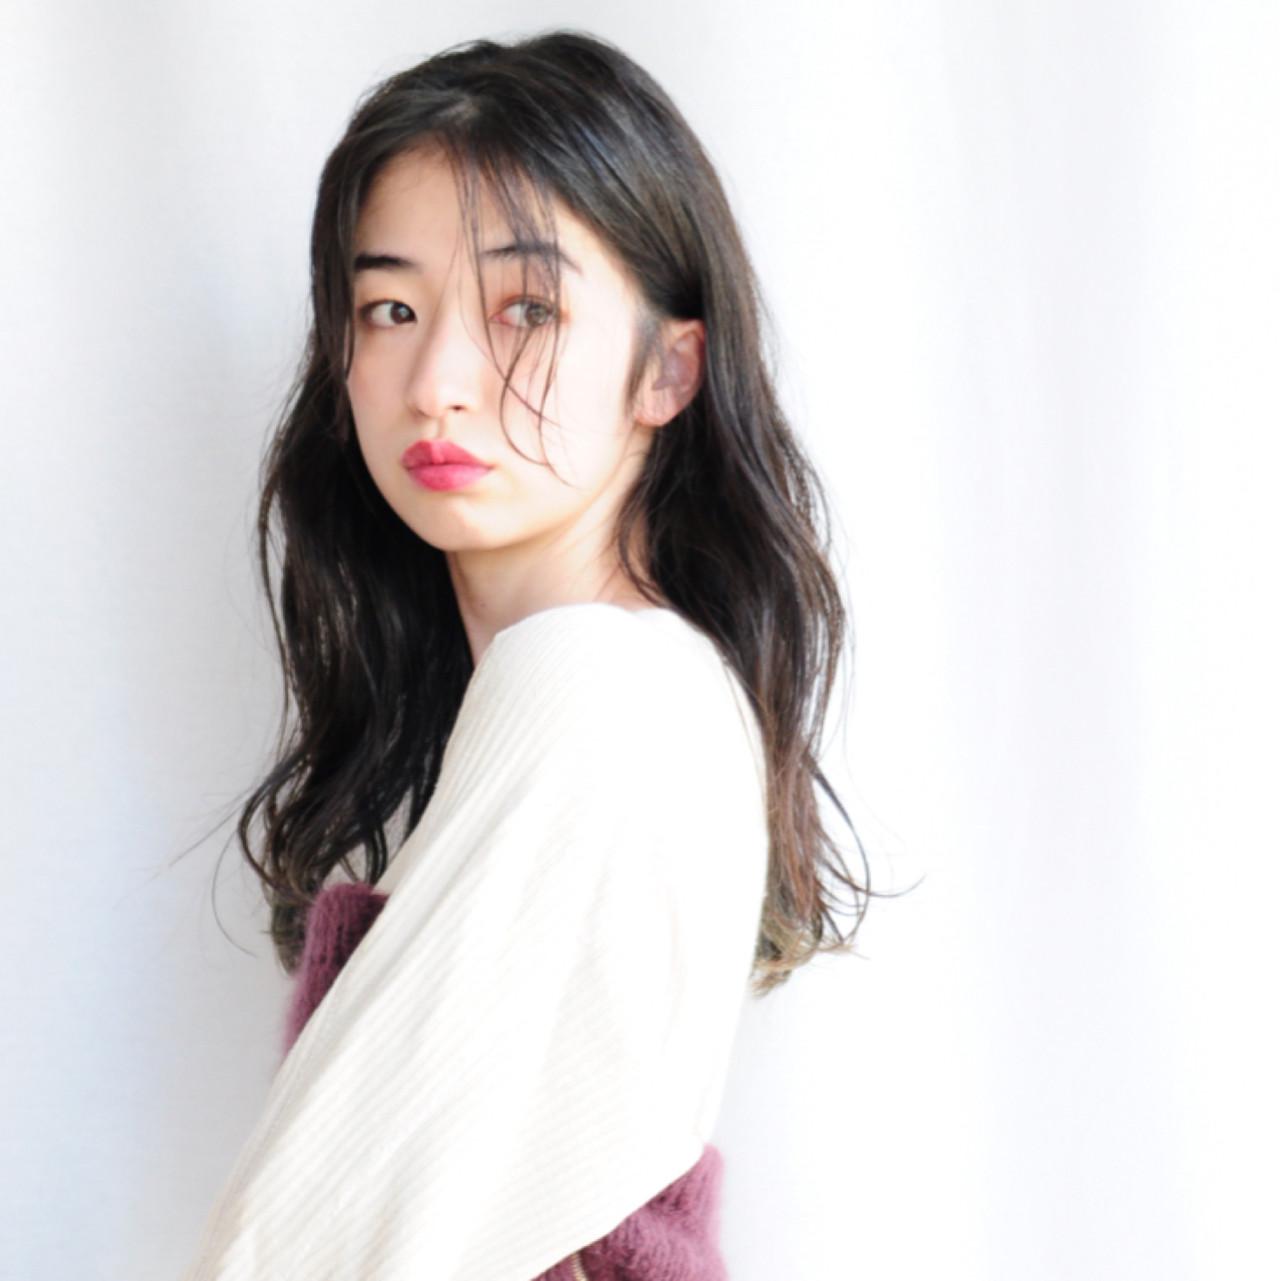 パーマ ナチュラル セミロング センターパート ヘアスタイルや髪型の写真・画像 | 小走 祥菜 / tricca daikanyama